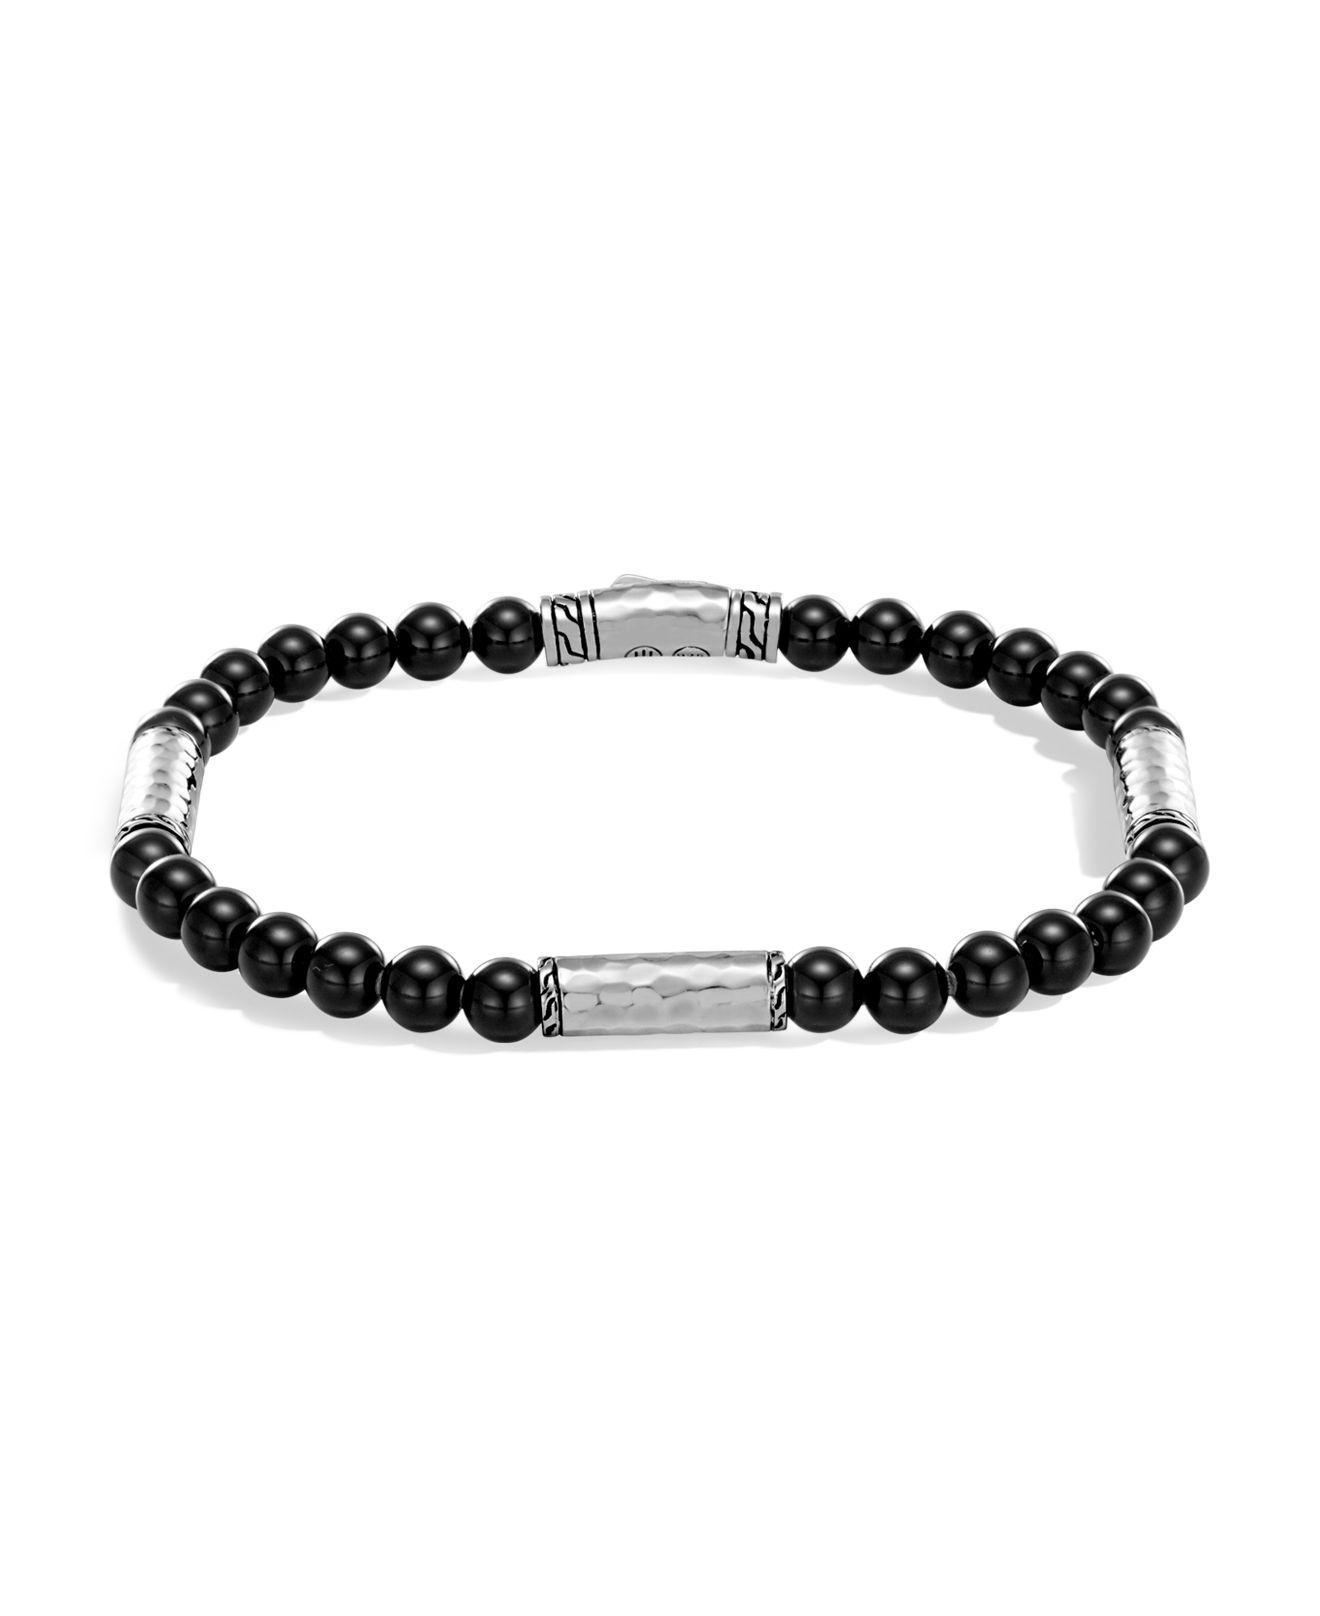 John Hardy Black Onyx Bead Bracelet ei14jZy